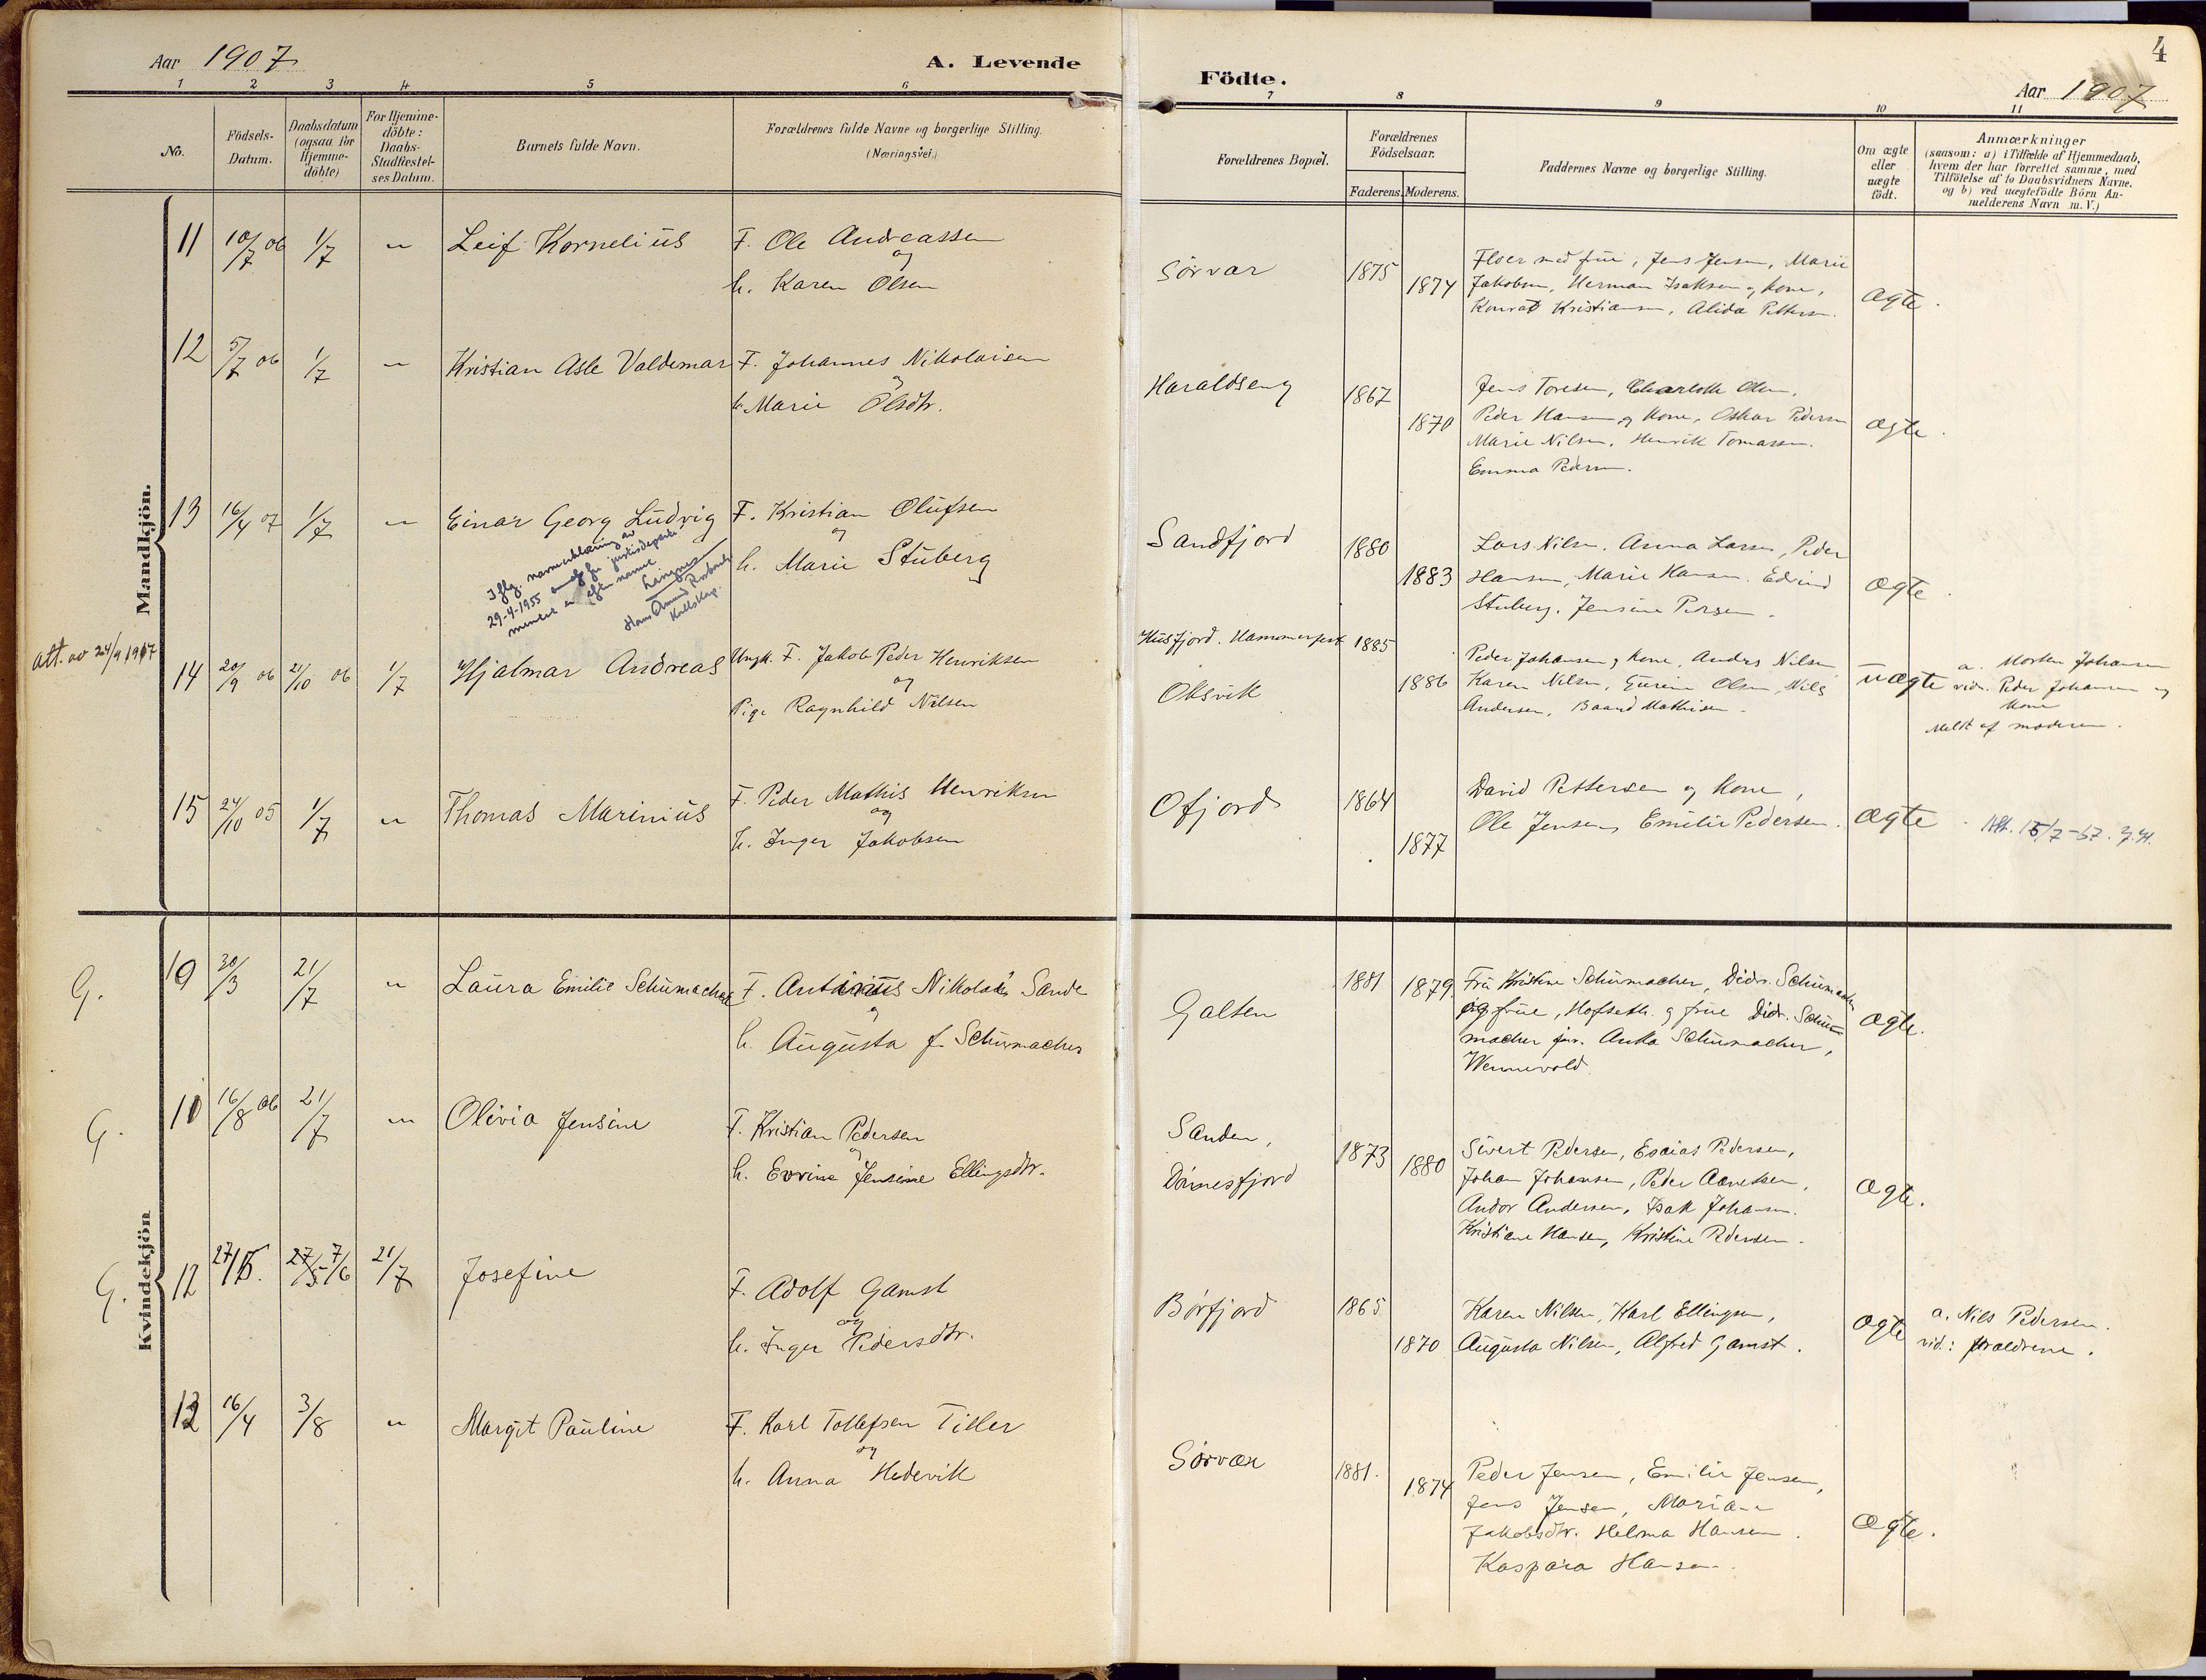 SATØ, Loppa sokneprestkontor, H/Ha/L0010kirke: Ministerialbok nr. 10, 1907-1922, s. 4